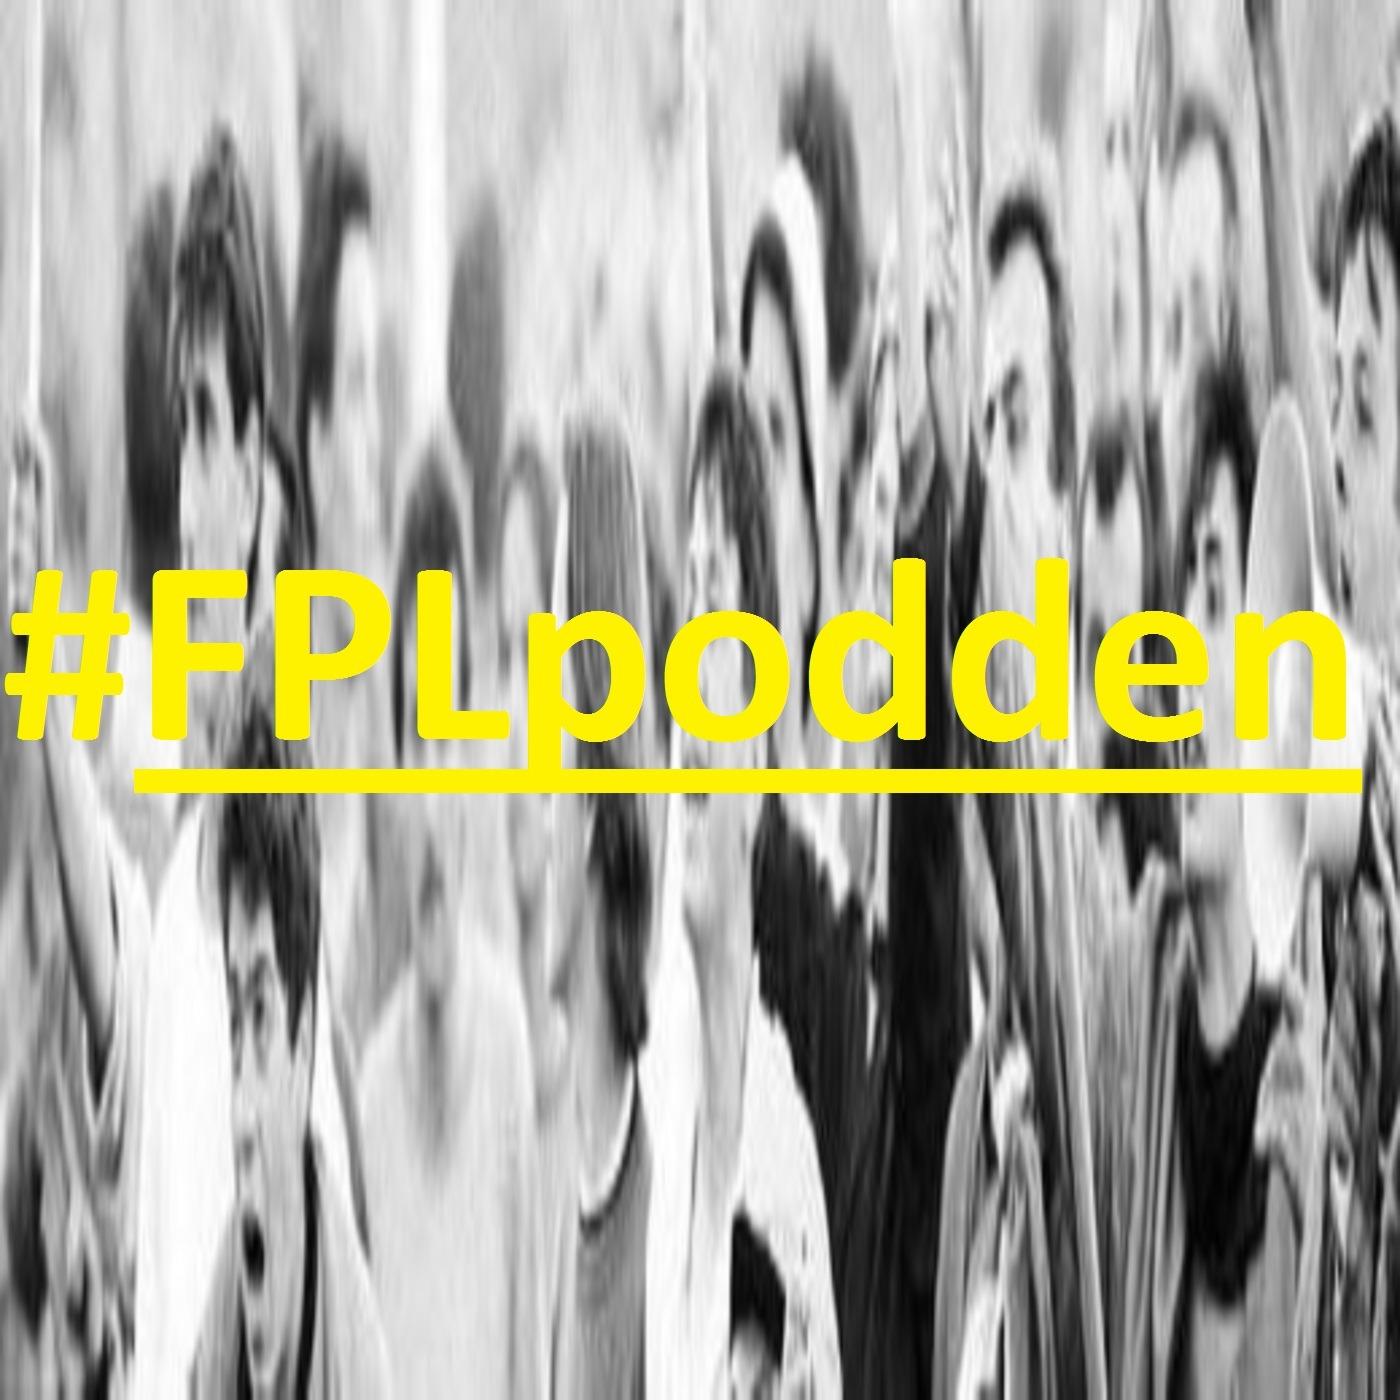 FPLpodden